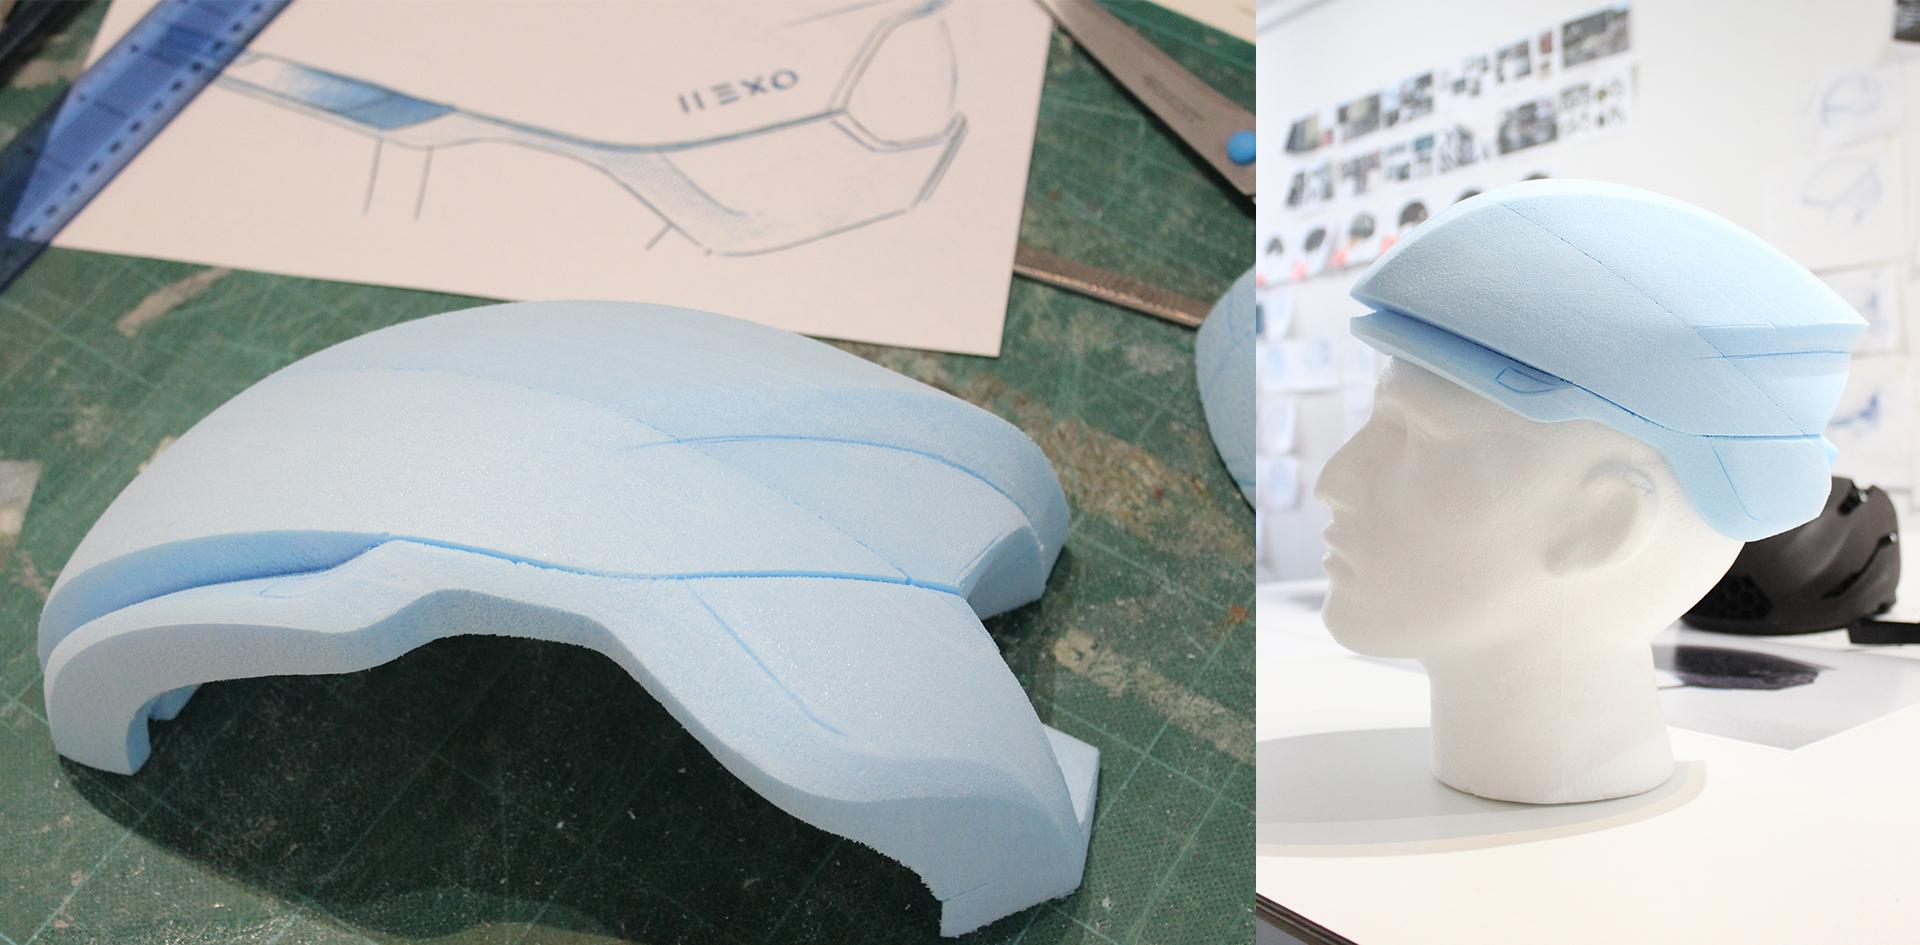 Hexr | Foam modelling